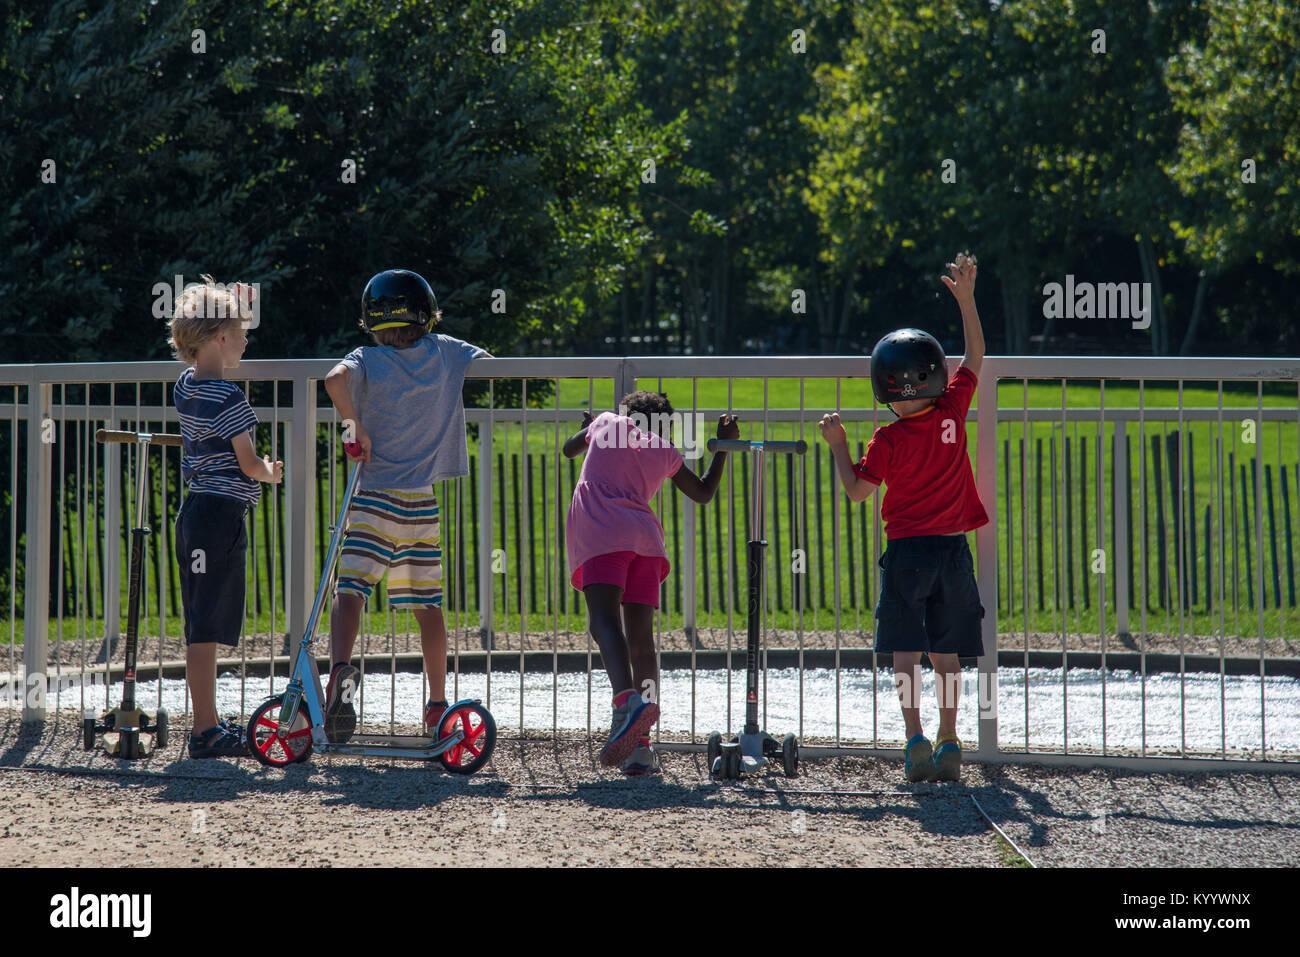 New York, NY, USA - 22.September 2017: Multirassischen Kinder zusammen spielen während des Sommers im Brooklyn Bridge Stockfoto